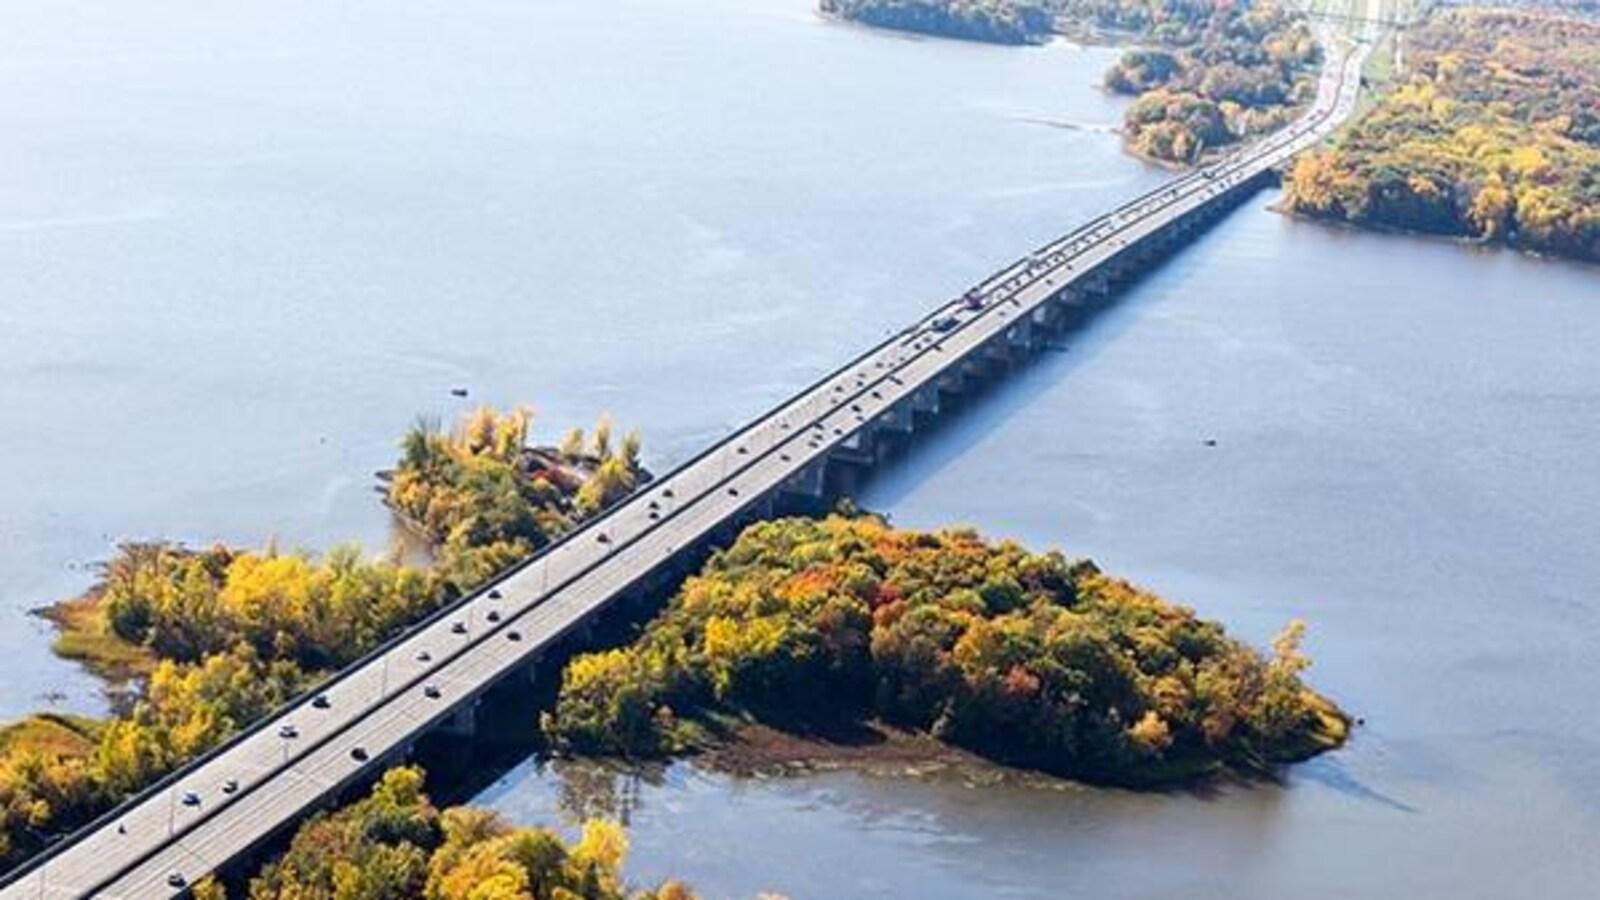 Vue aérienne d'un pont.